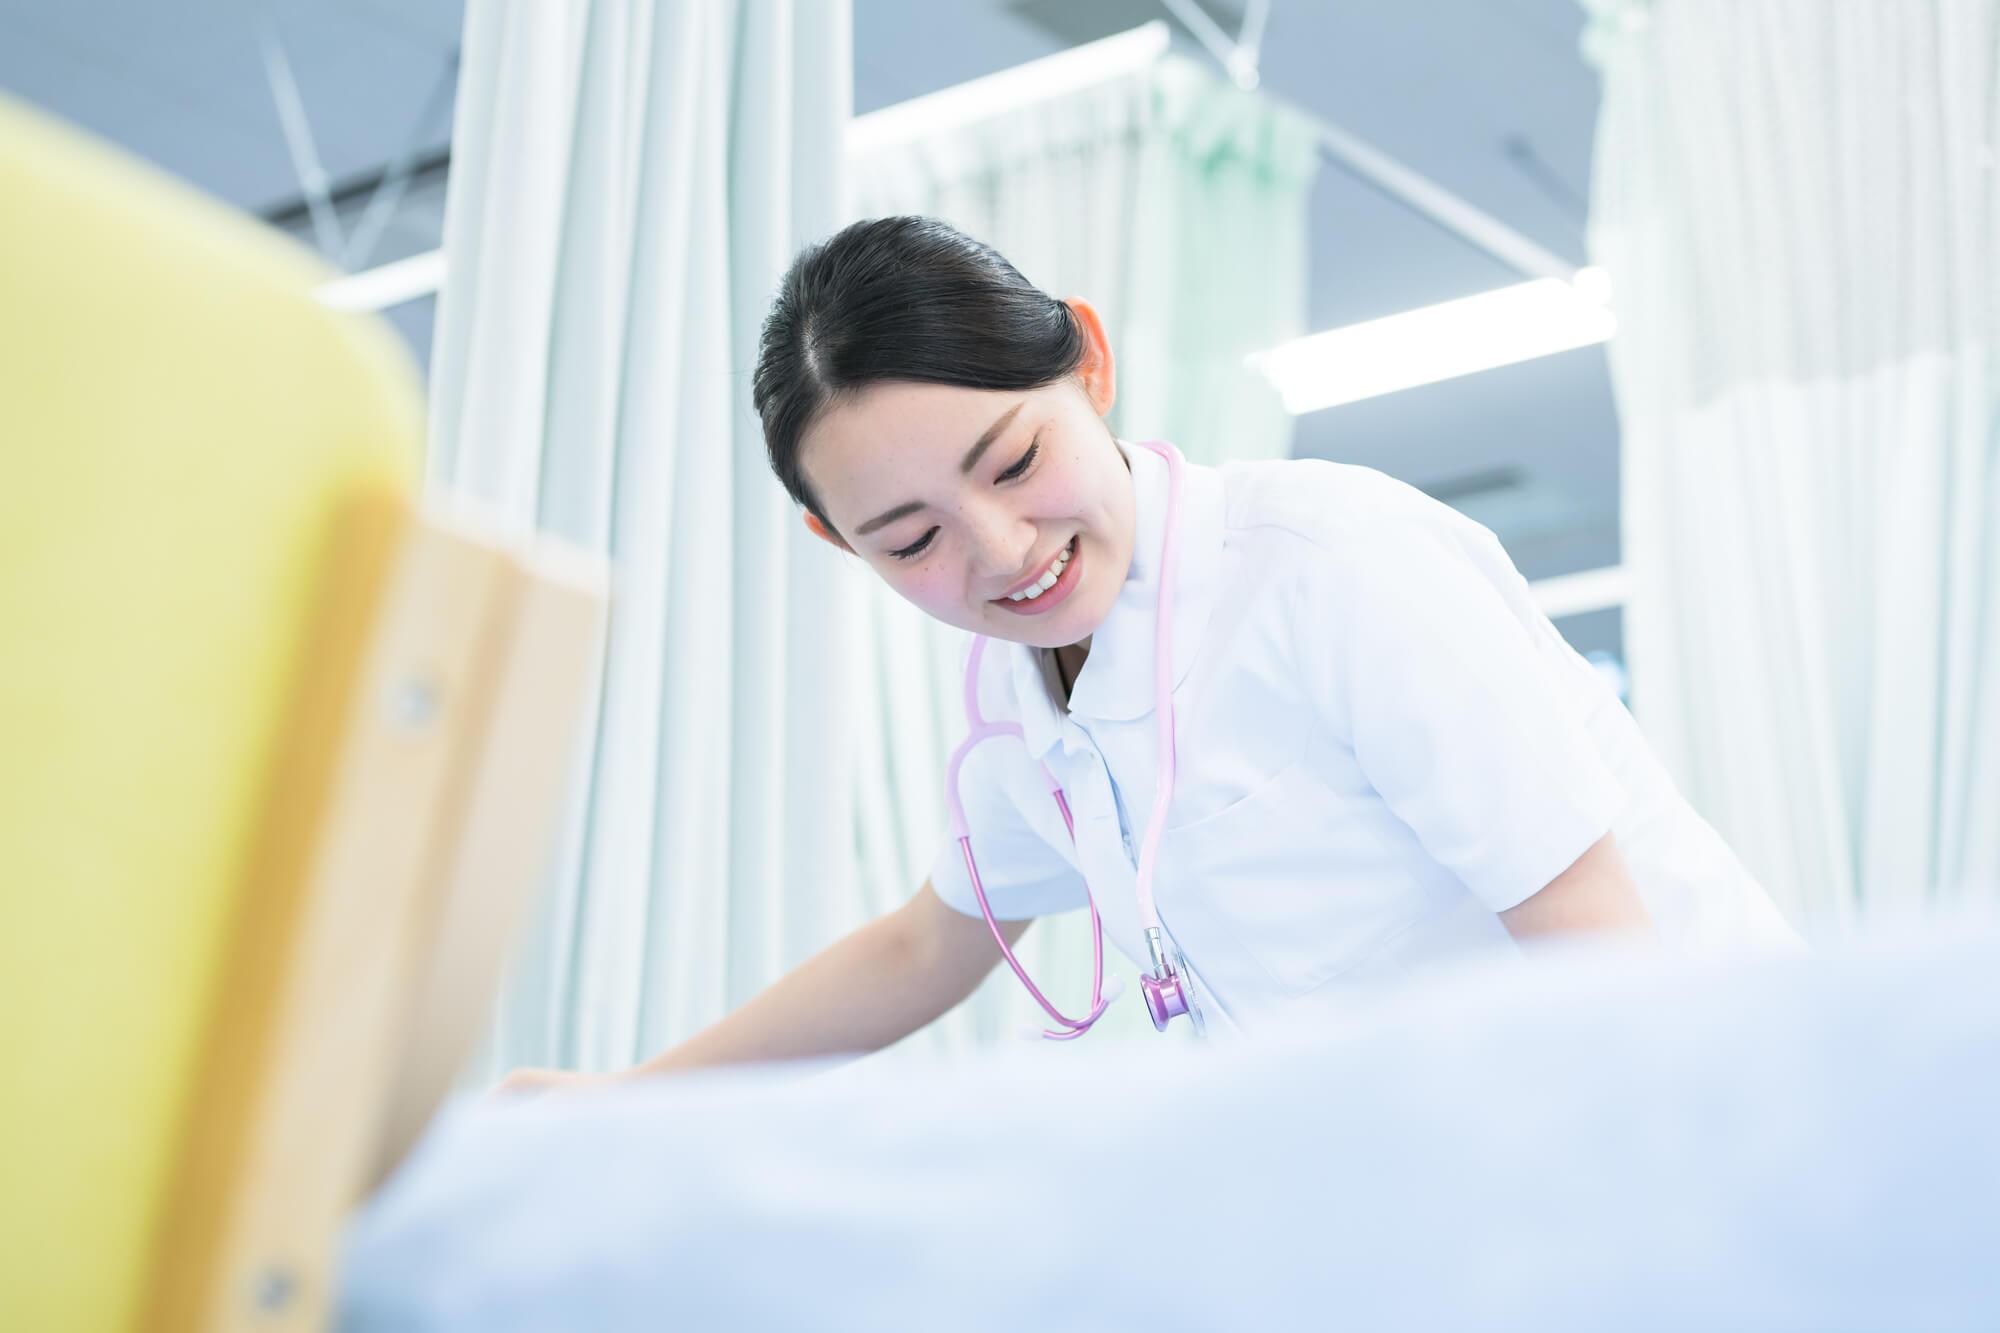 コロナ対応のイメージ_看護をする女性